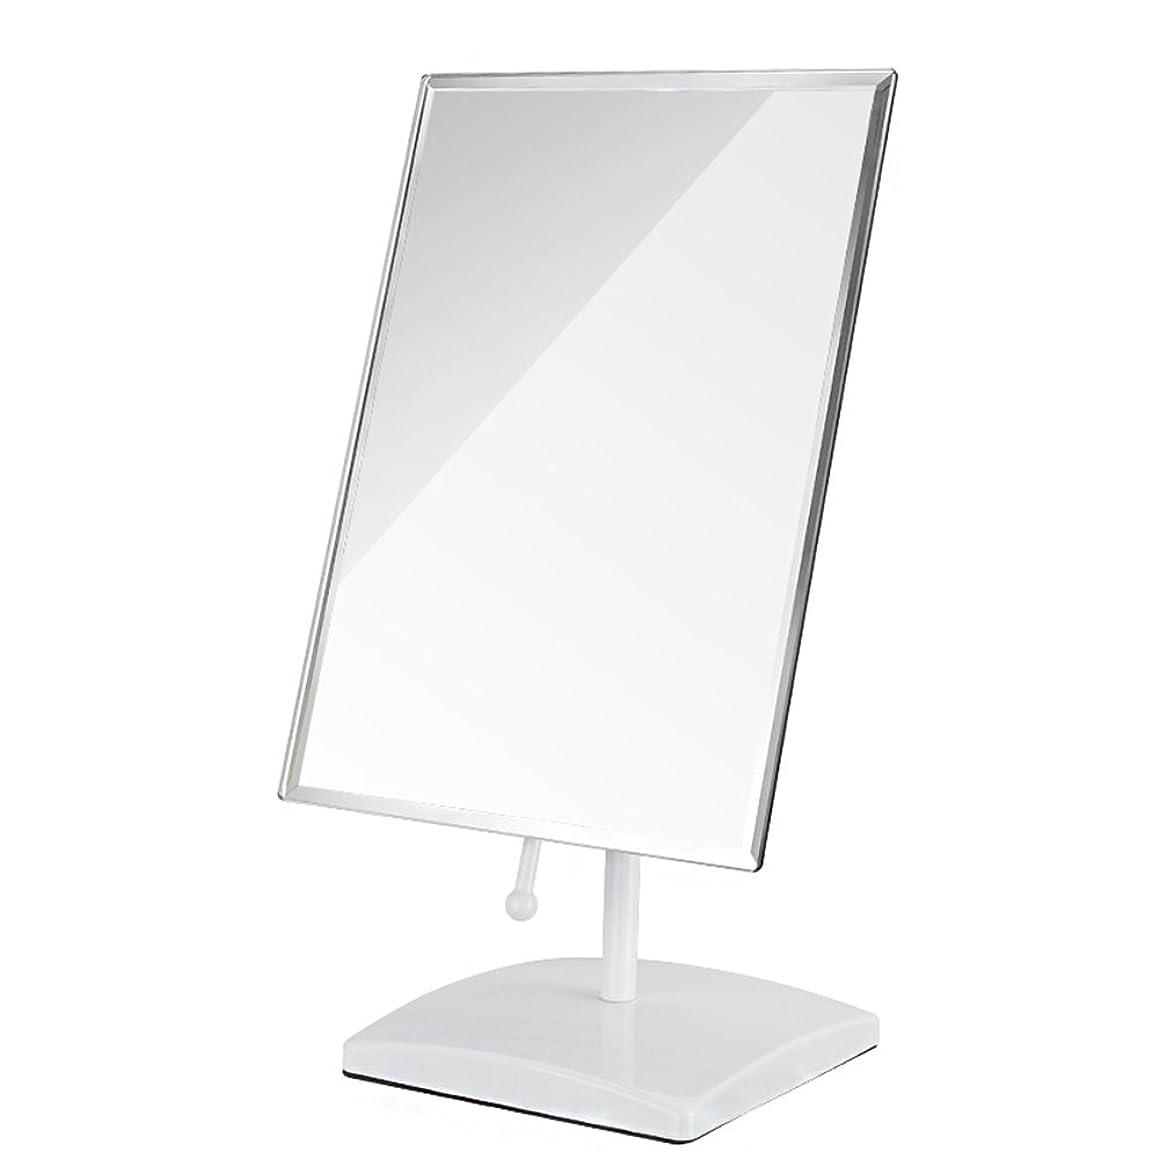 宝バーゲンスパークYBJPshop 化粧鏡 多角度の回転虚栄心ミラー、浴室のための自由で永続的な虚栄心の化粧鏡 - 正方形 美容鏡化粧室バスルーム (Color : White)